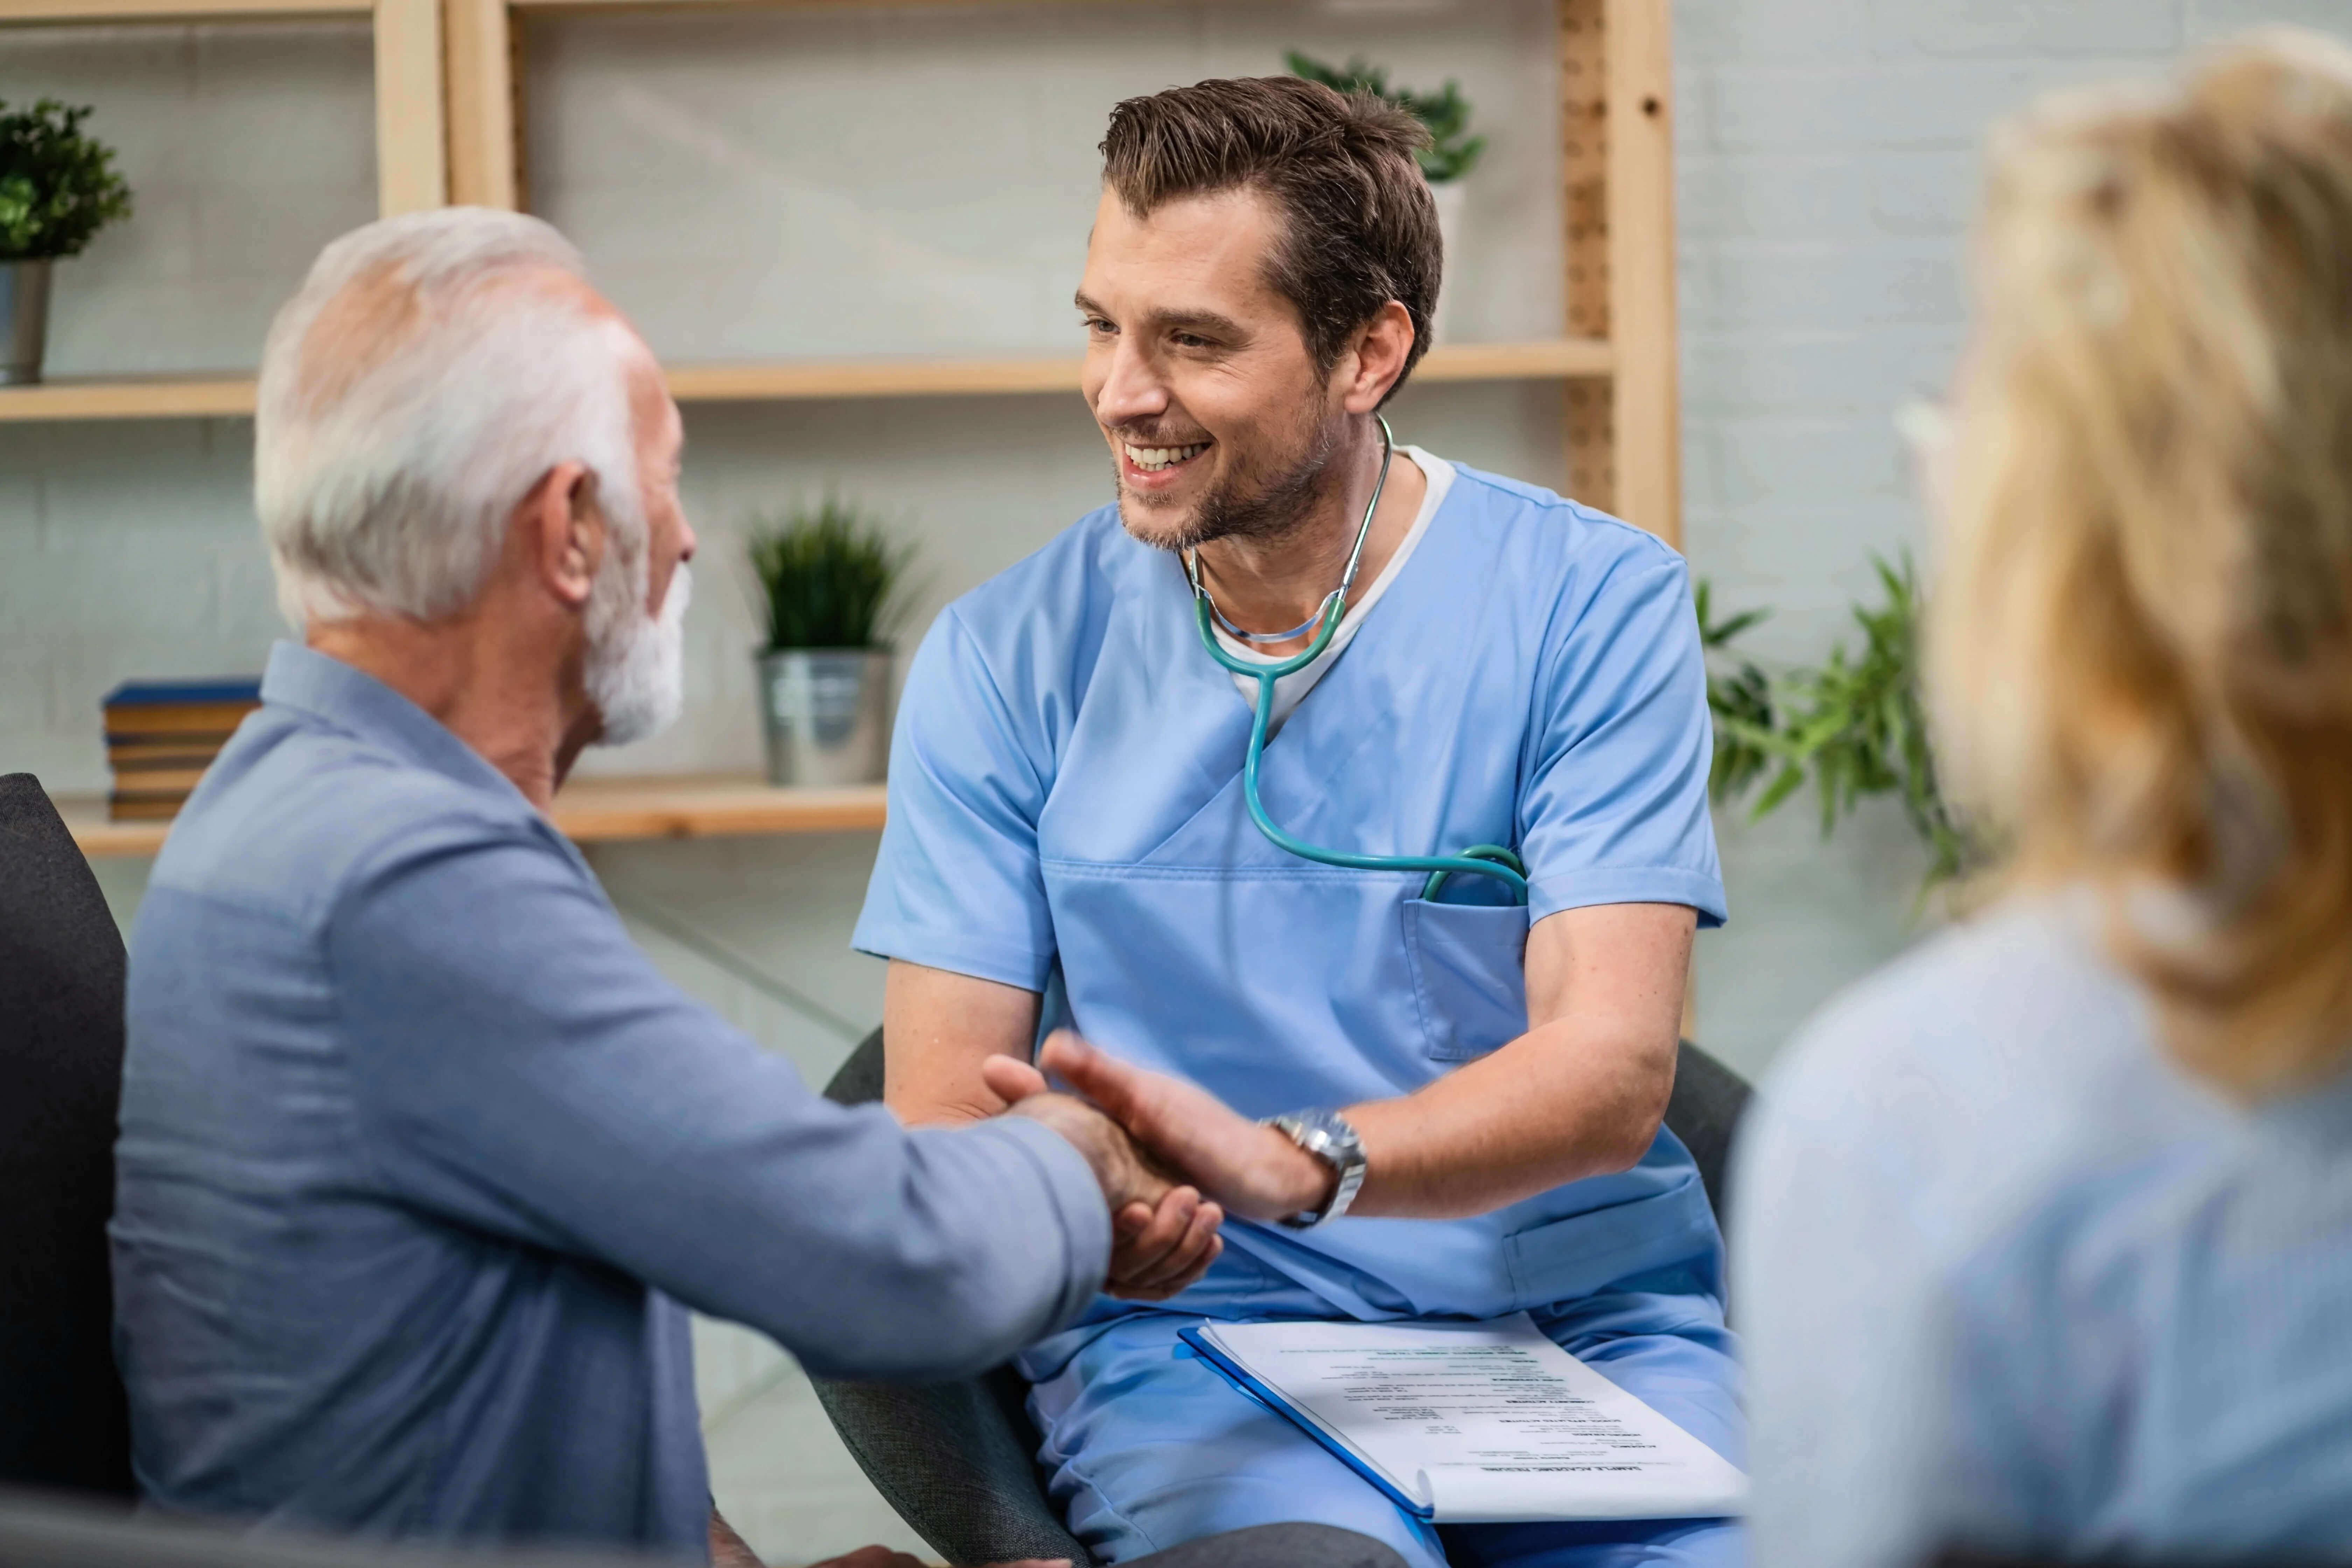 Como a Experiência do Paciente afeta sua jornada na Doctoralia? Veja entrevista